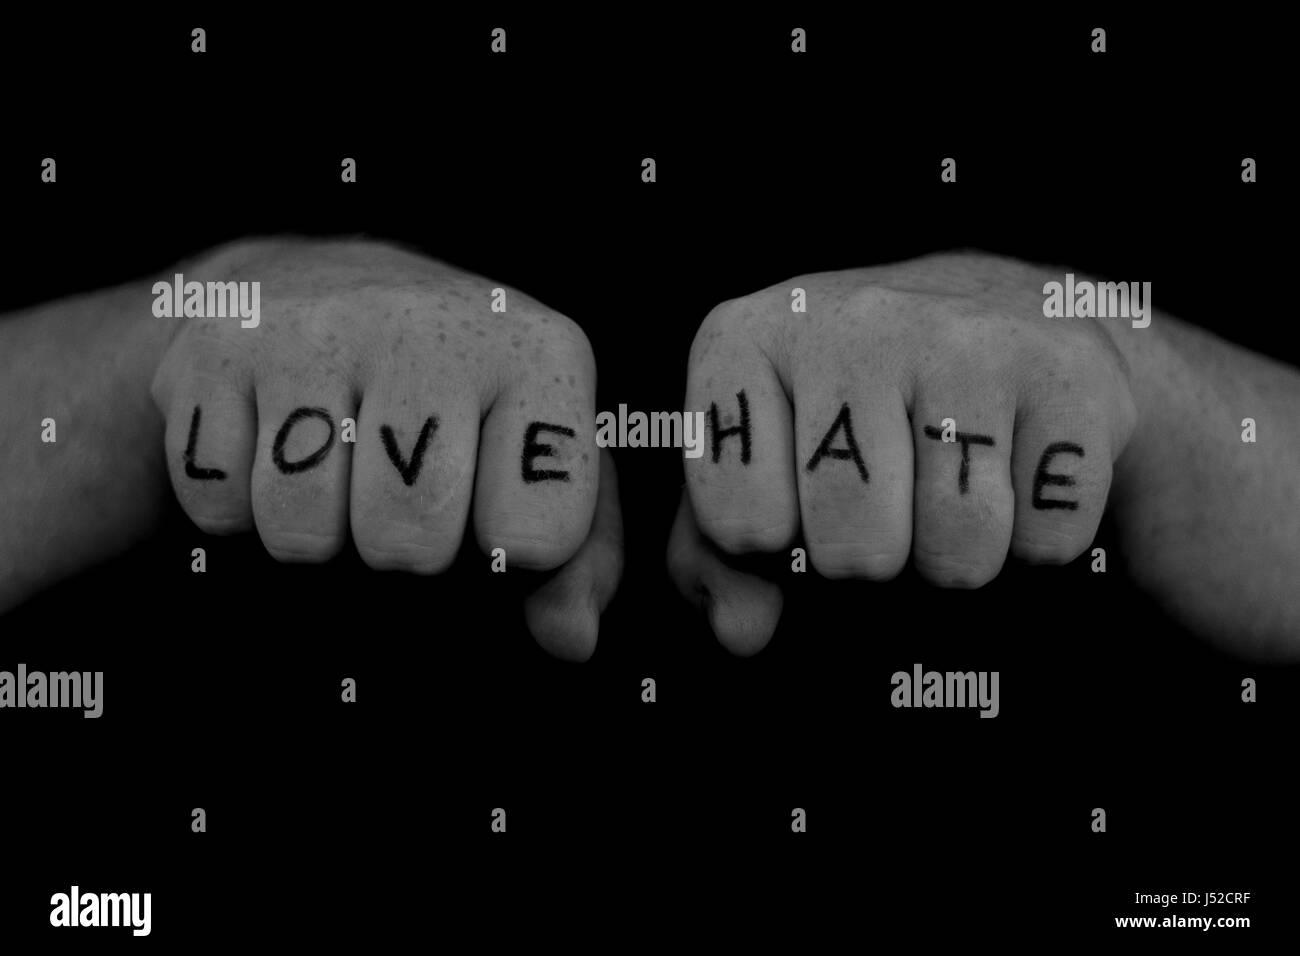 En Blanco Y Negro Amor Y Hate Knuckle Tatuaje Foto Imagen De